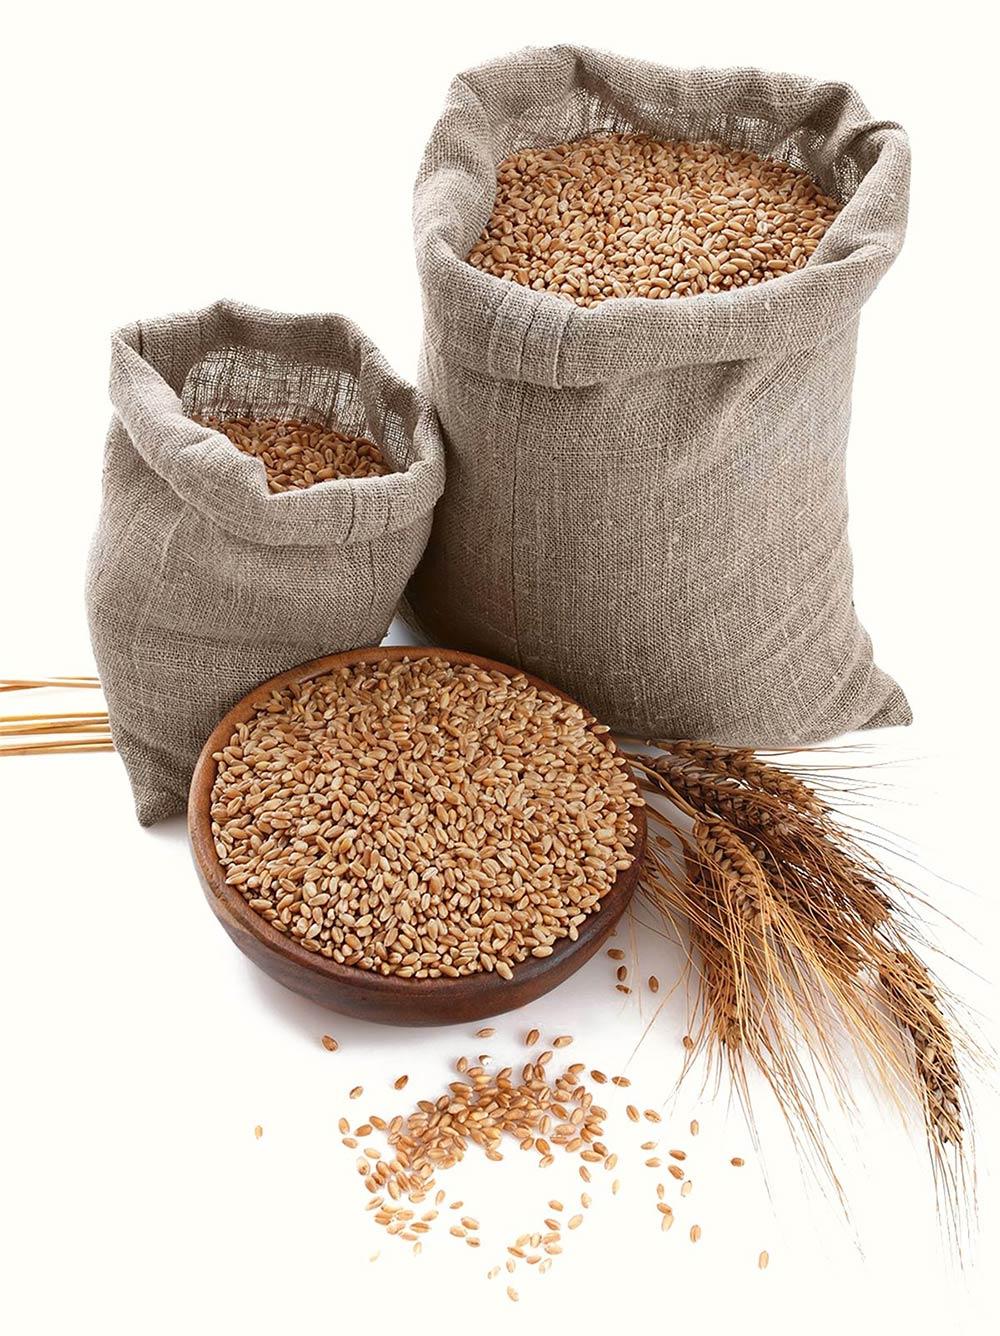 Βιολογικό ρύζι, καστανό